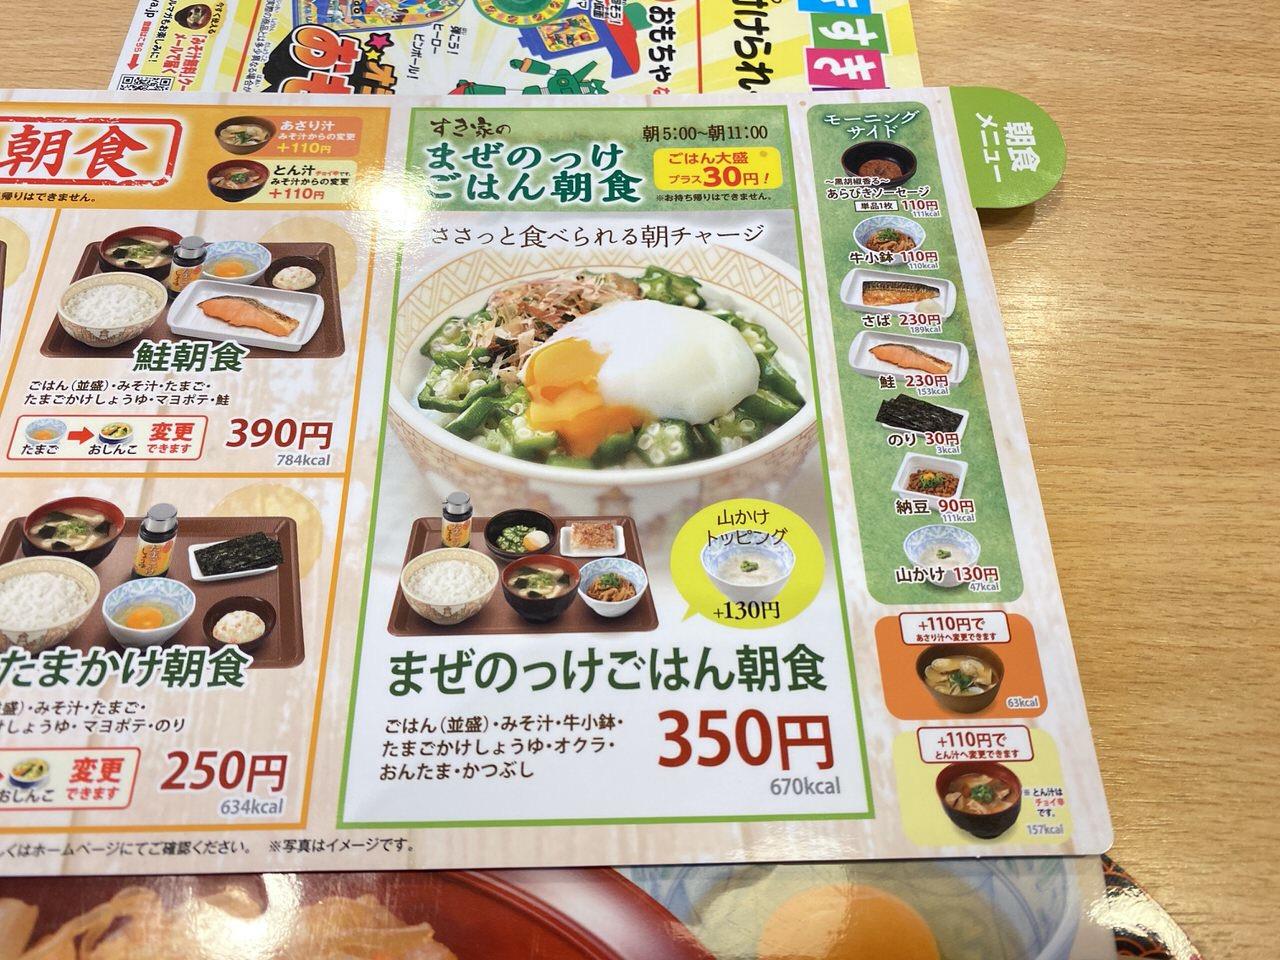 すき家の朝食で味噌汁を豚汁に変更 1